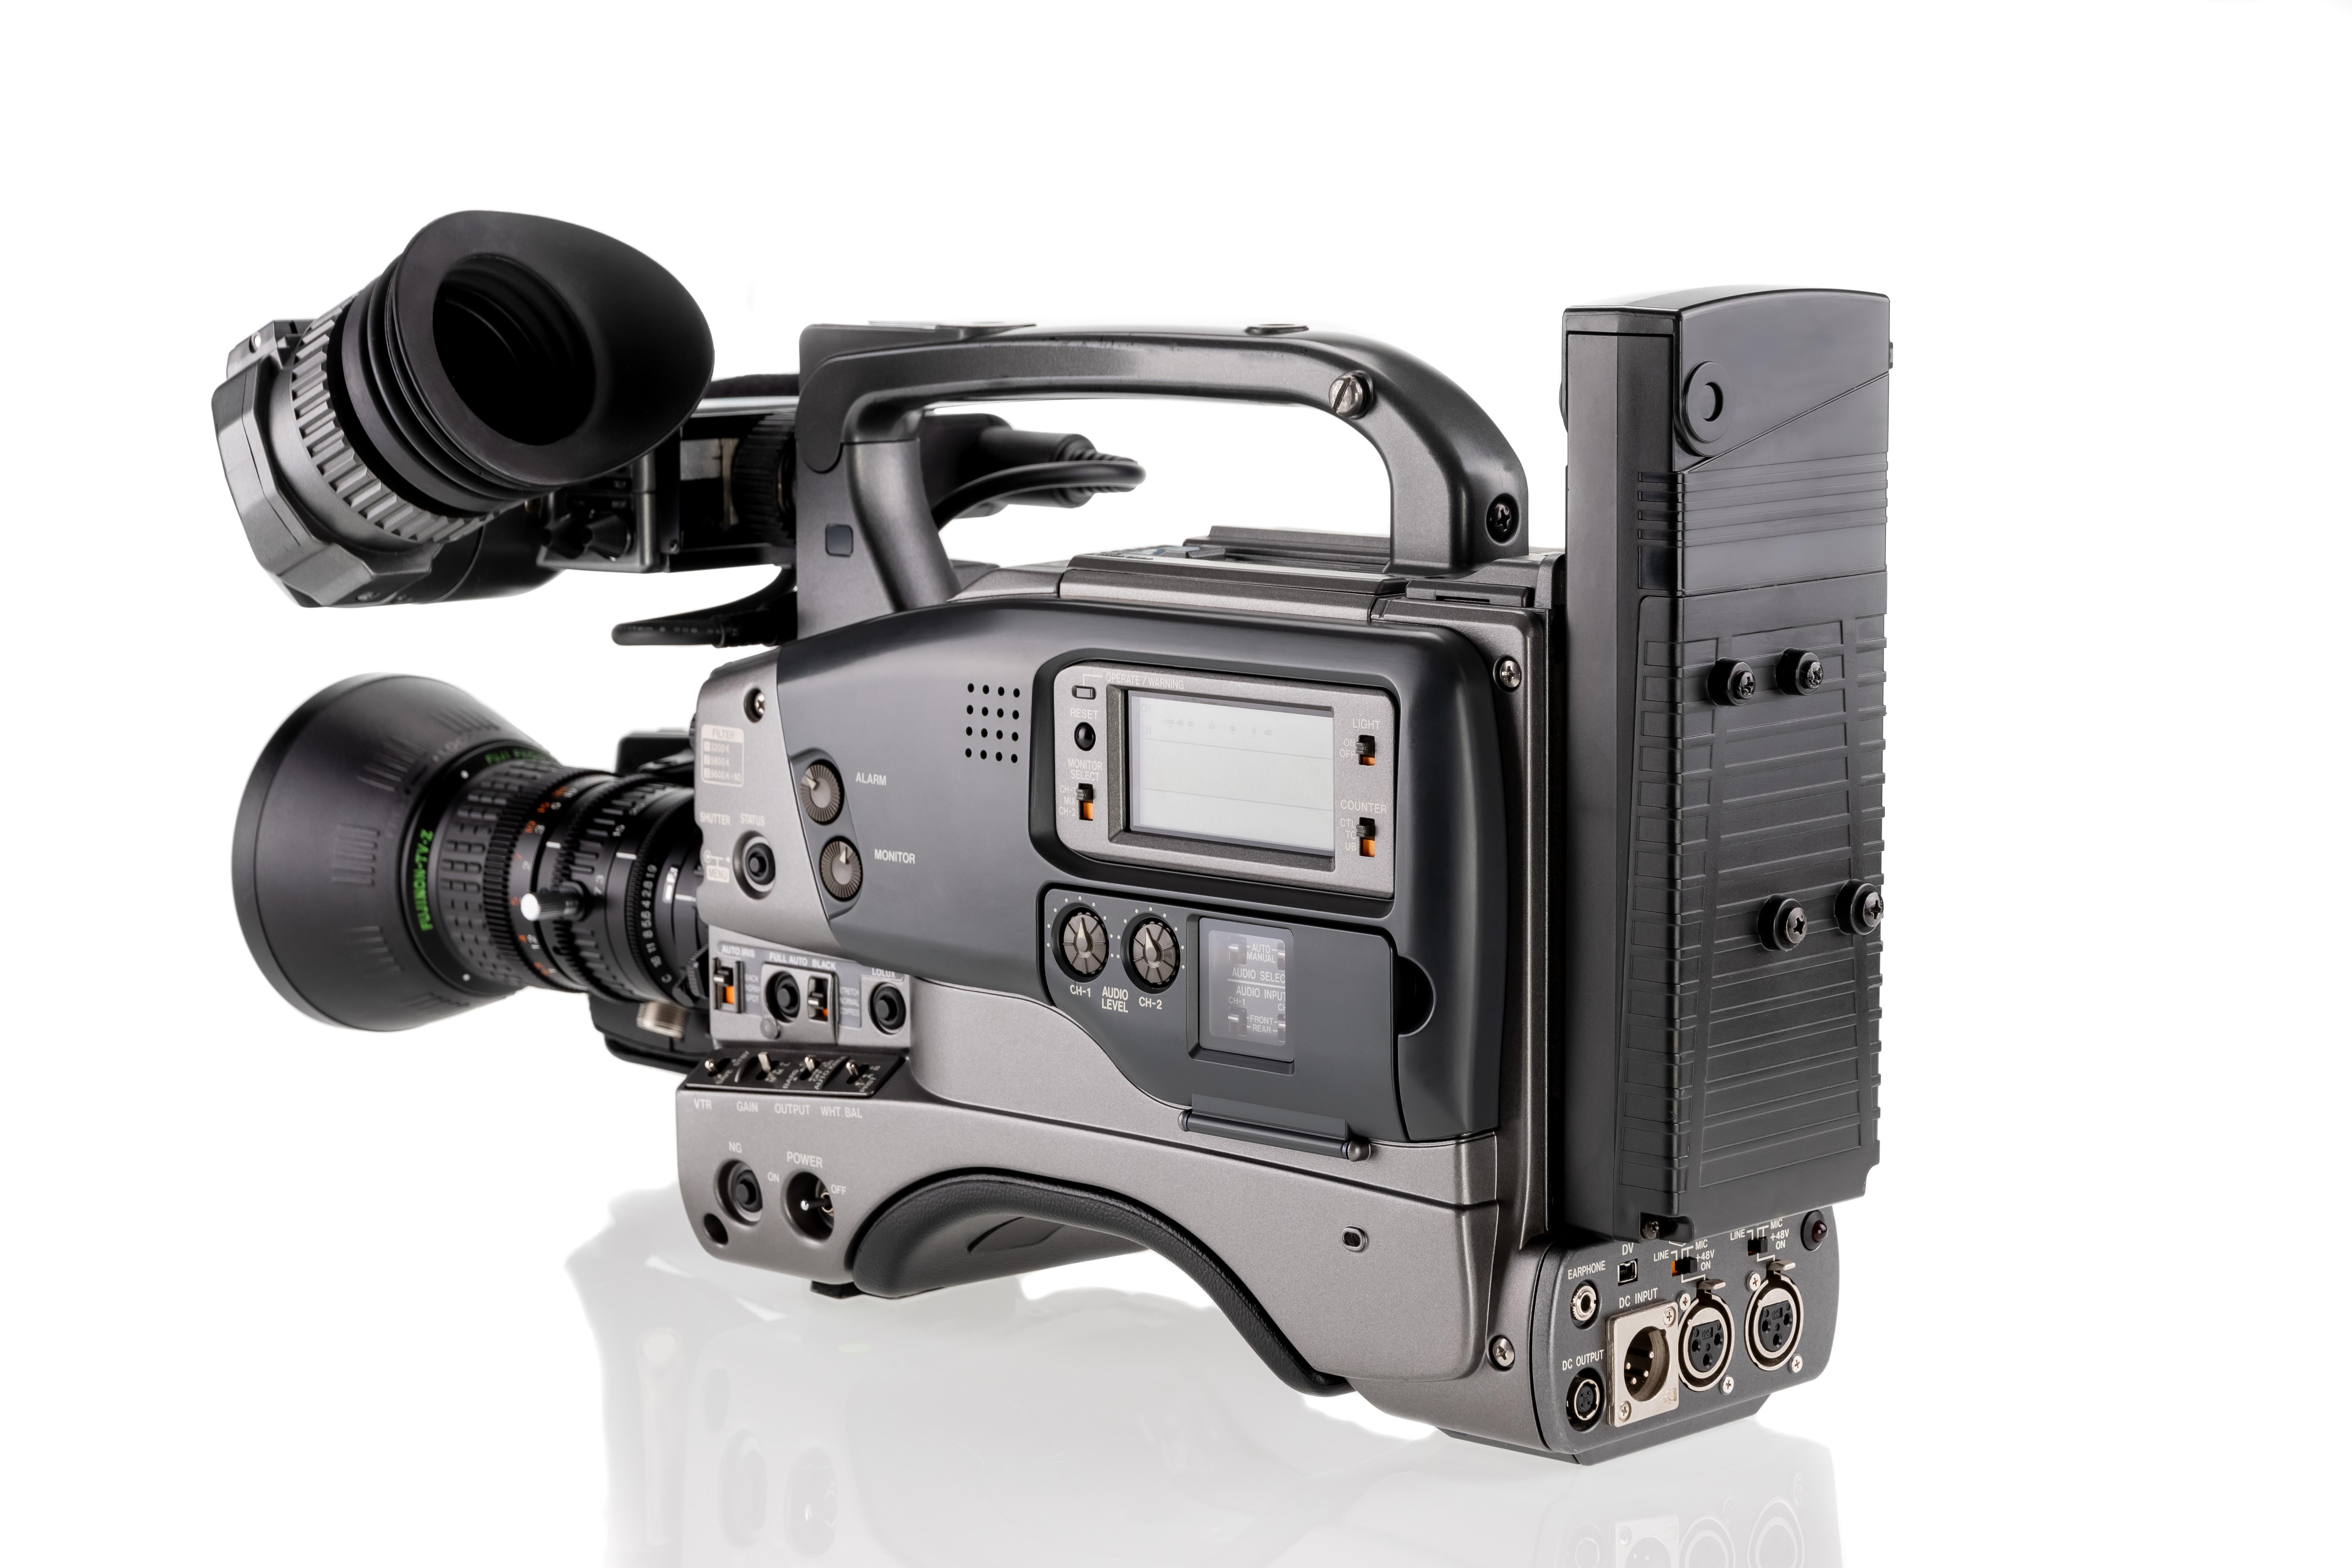 JVC GY-DV500E - 2